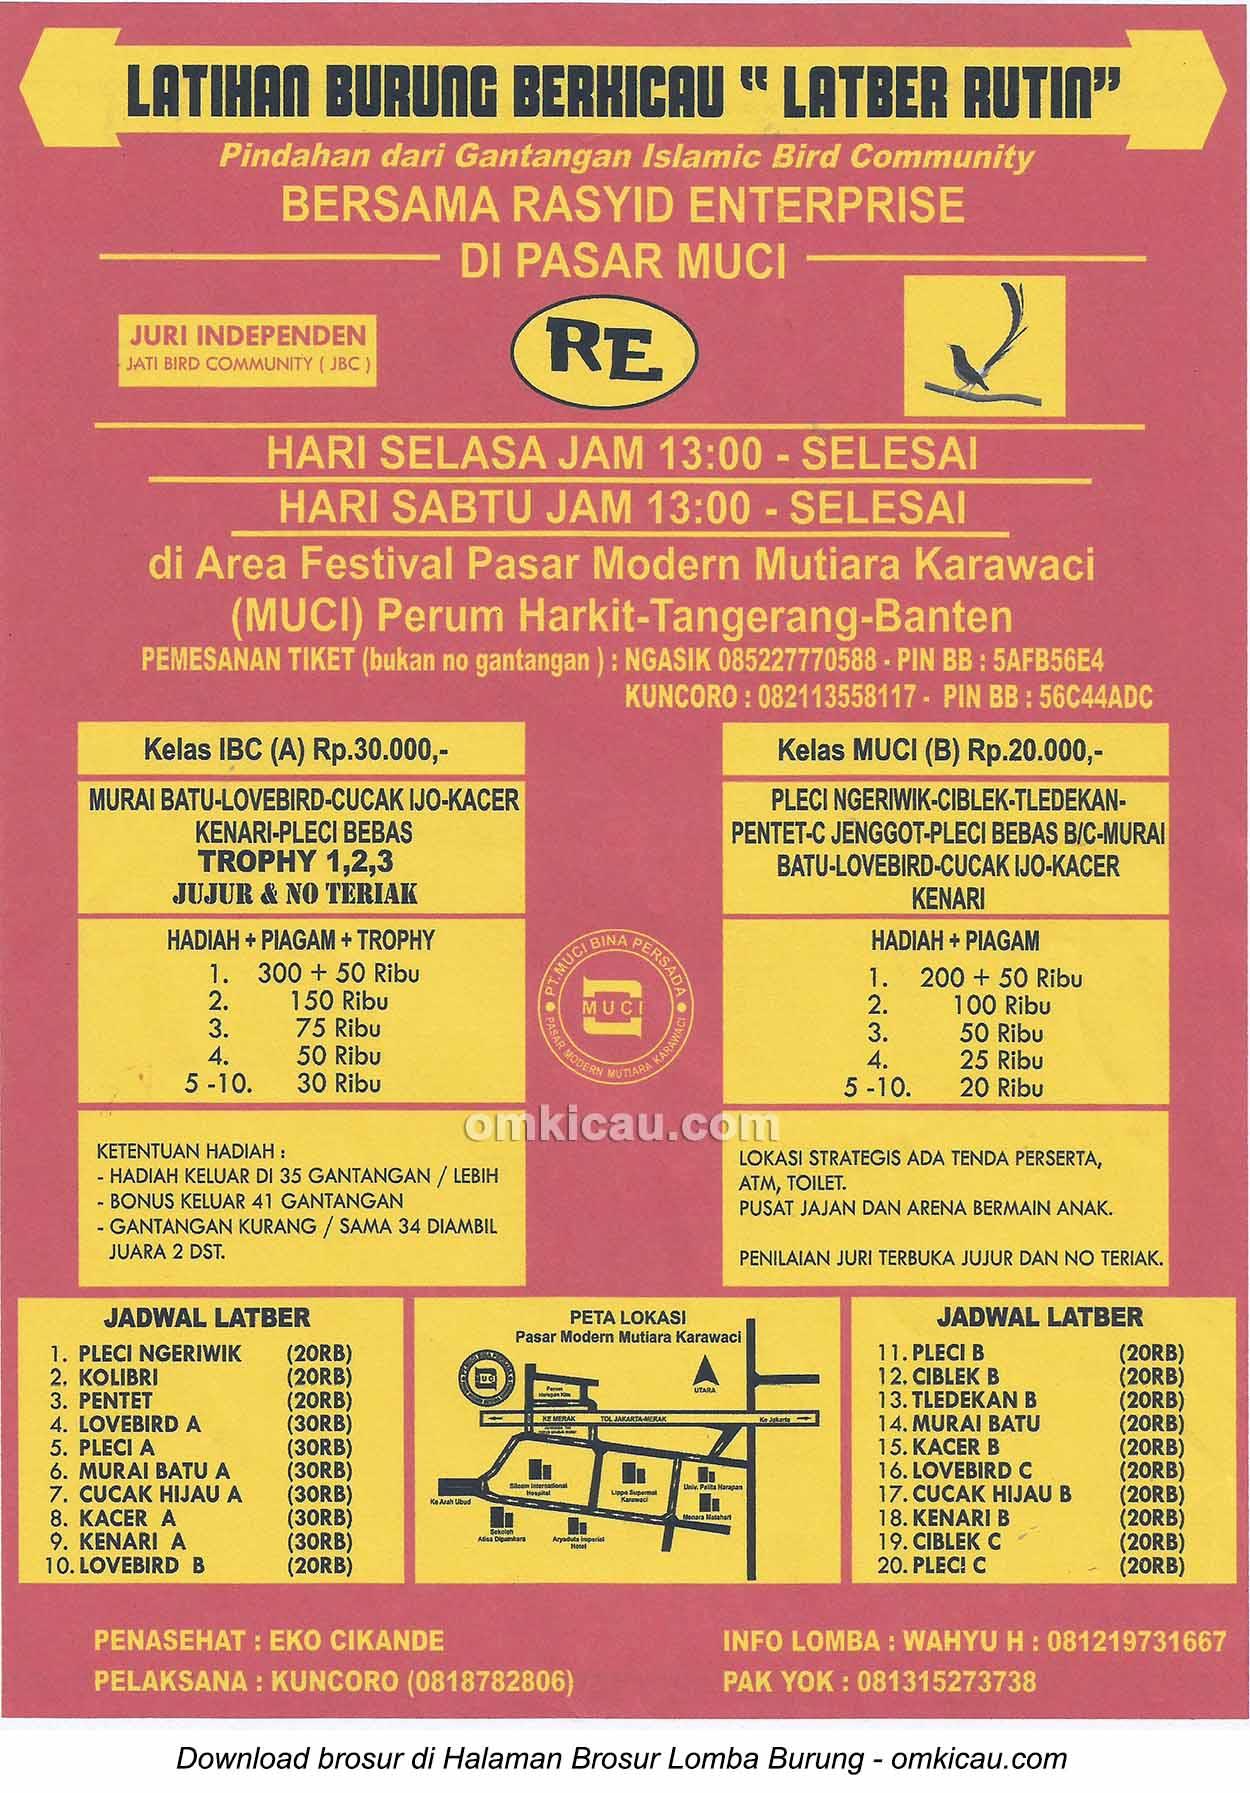 Brosur Latber Rutin Rasyid Enterprise, Tangerang, setiap Selasa dan Sabtu jam 13